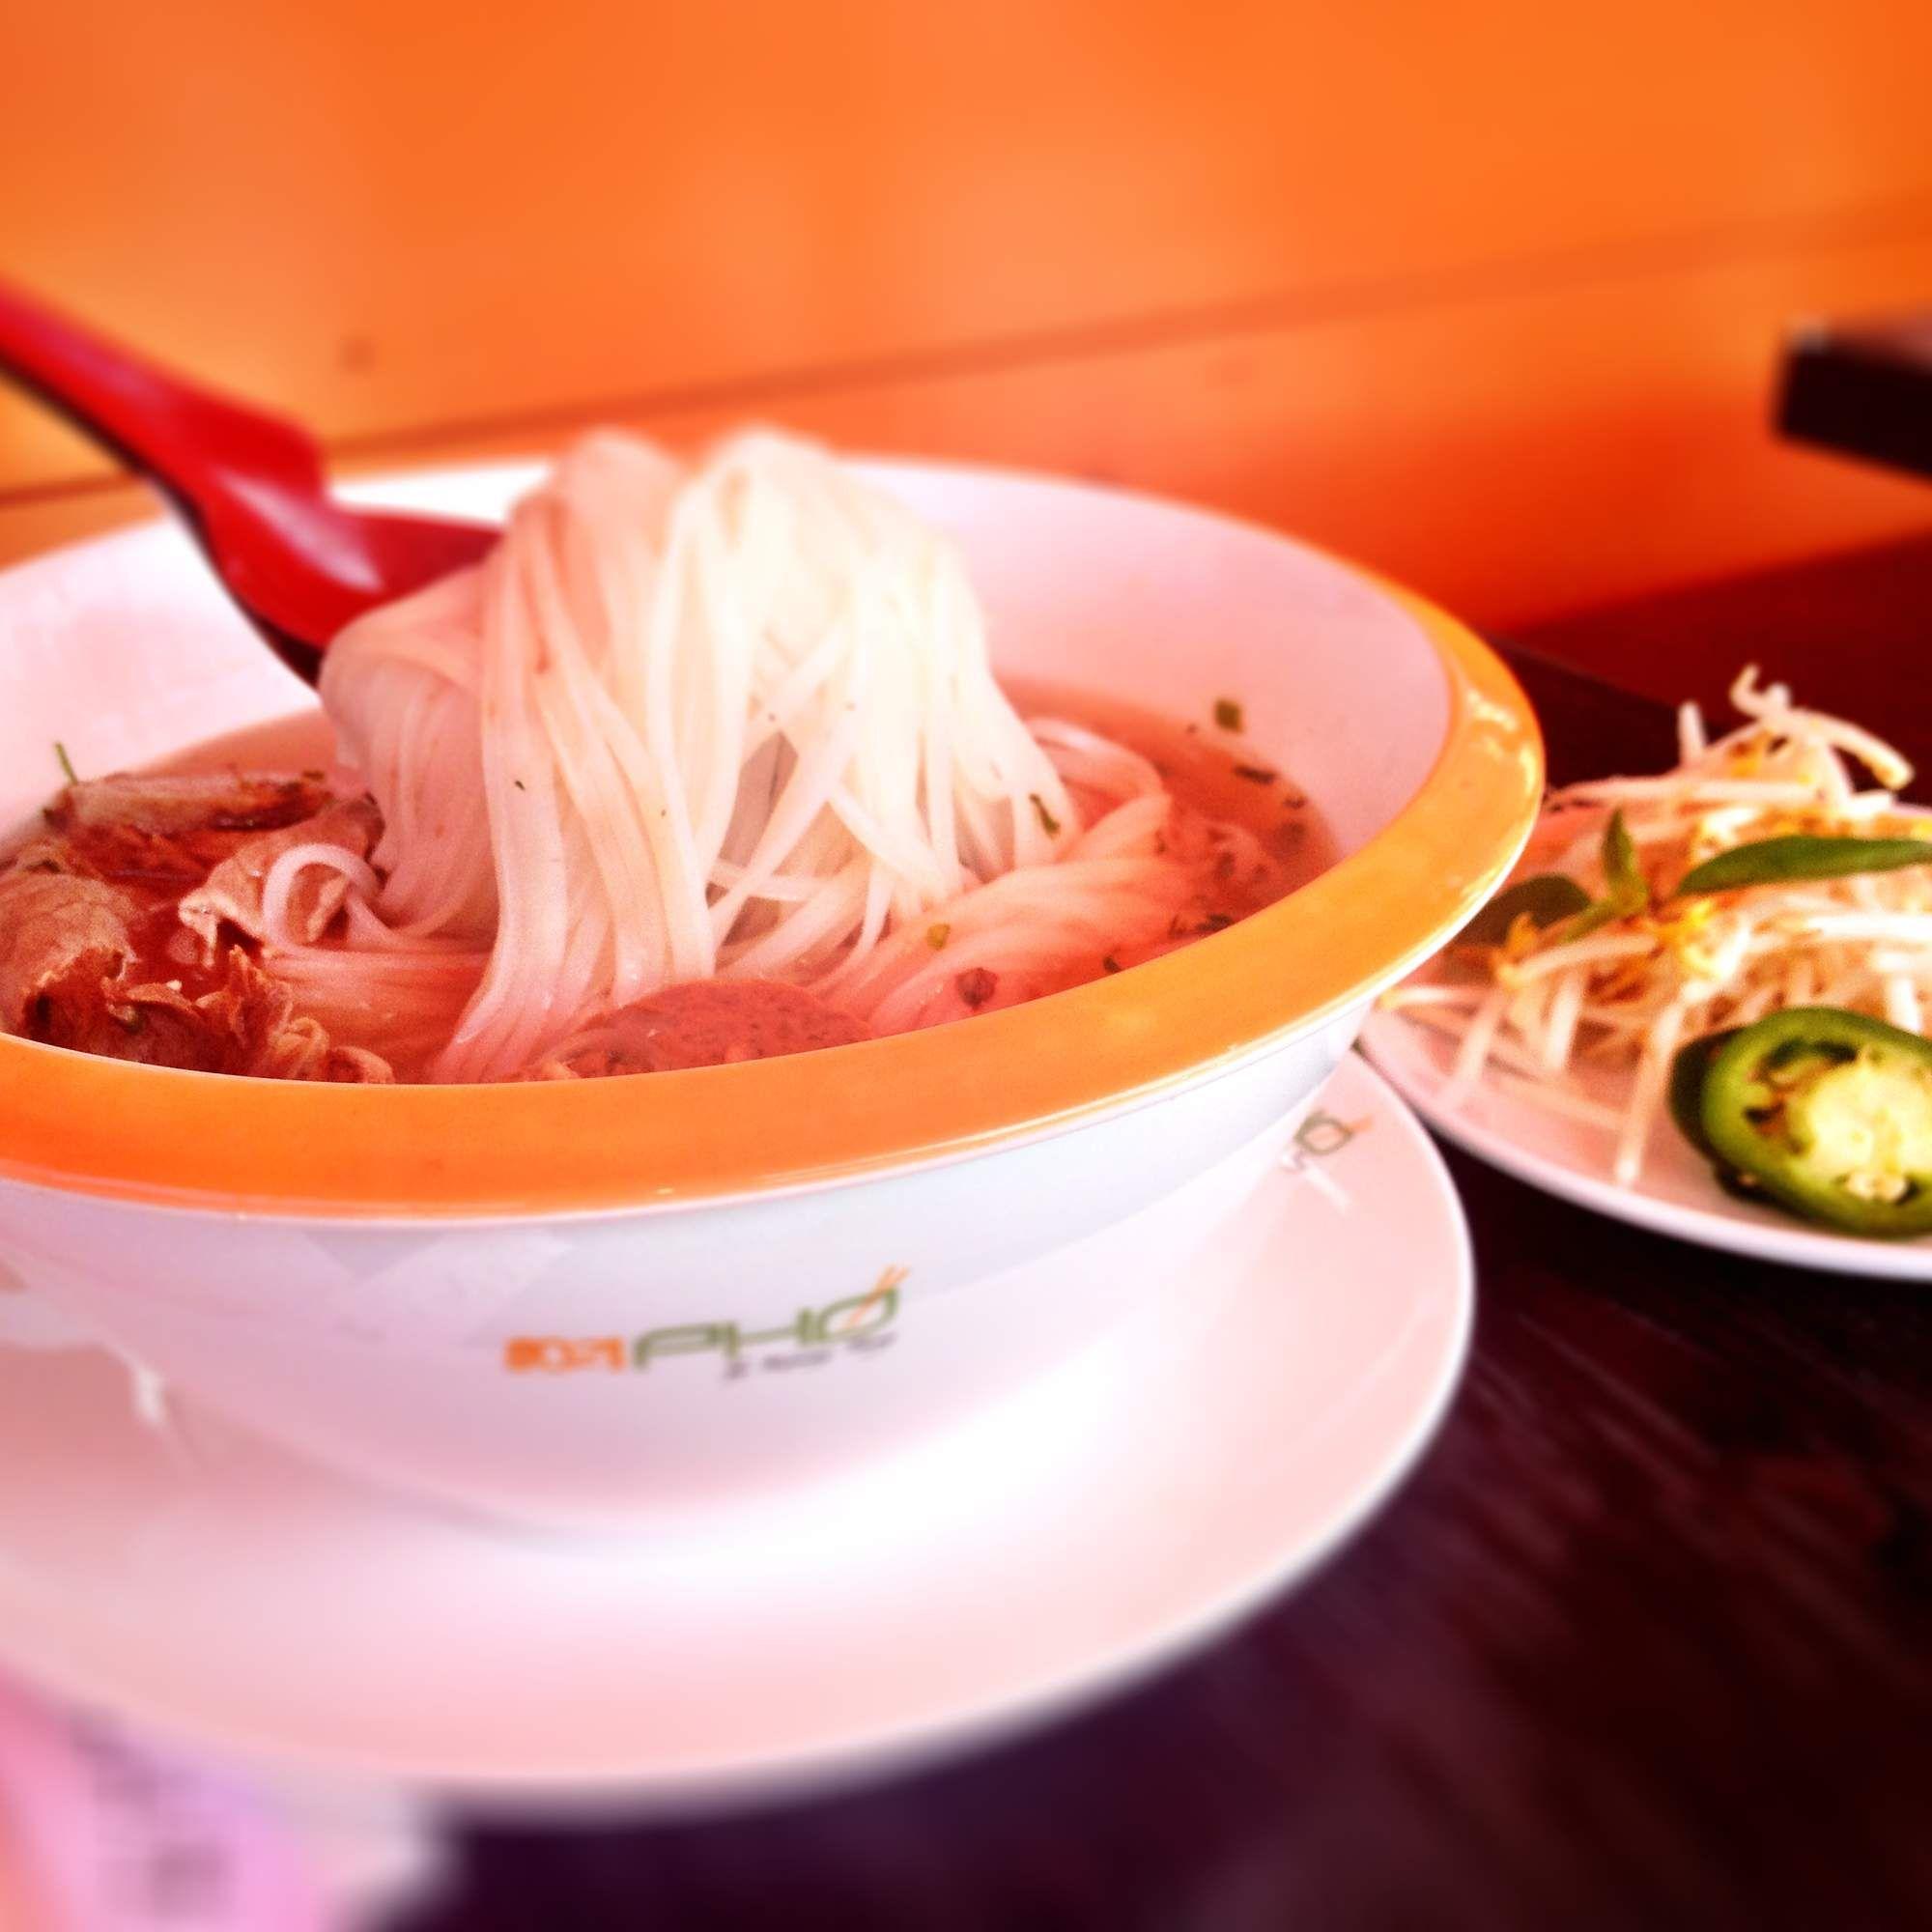 La S 8 Best Vietnamese Restaurants Vietnamese Restaurant Best Thai Restaurant Best Vietnamese Restaurant